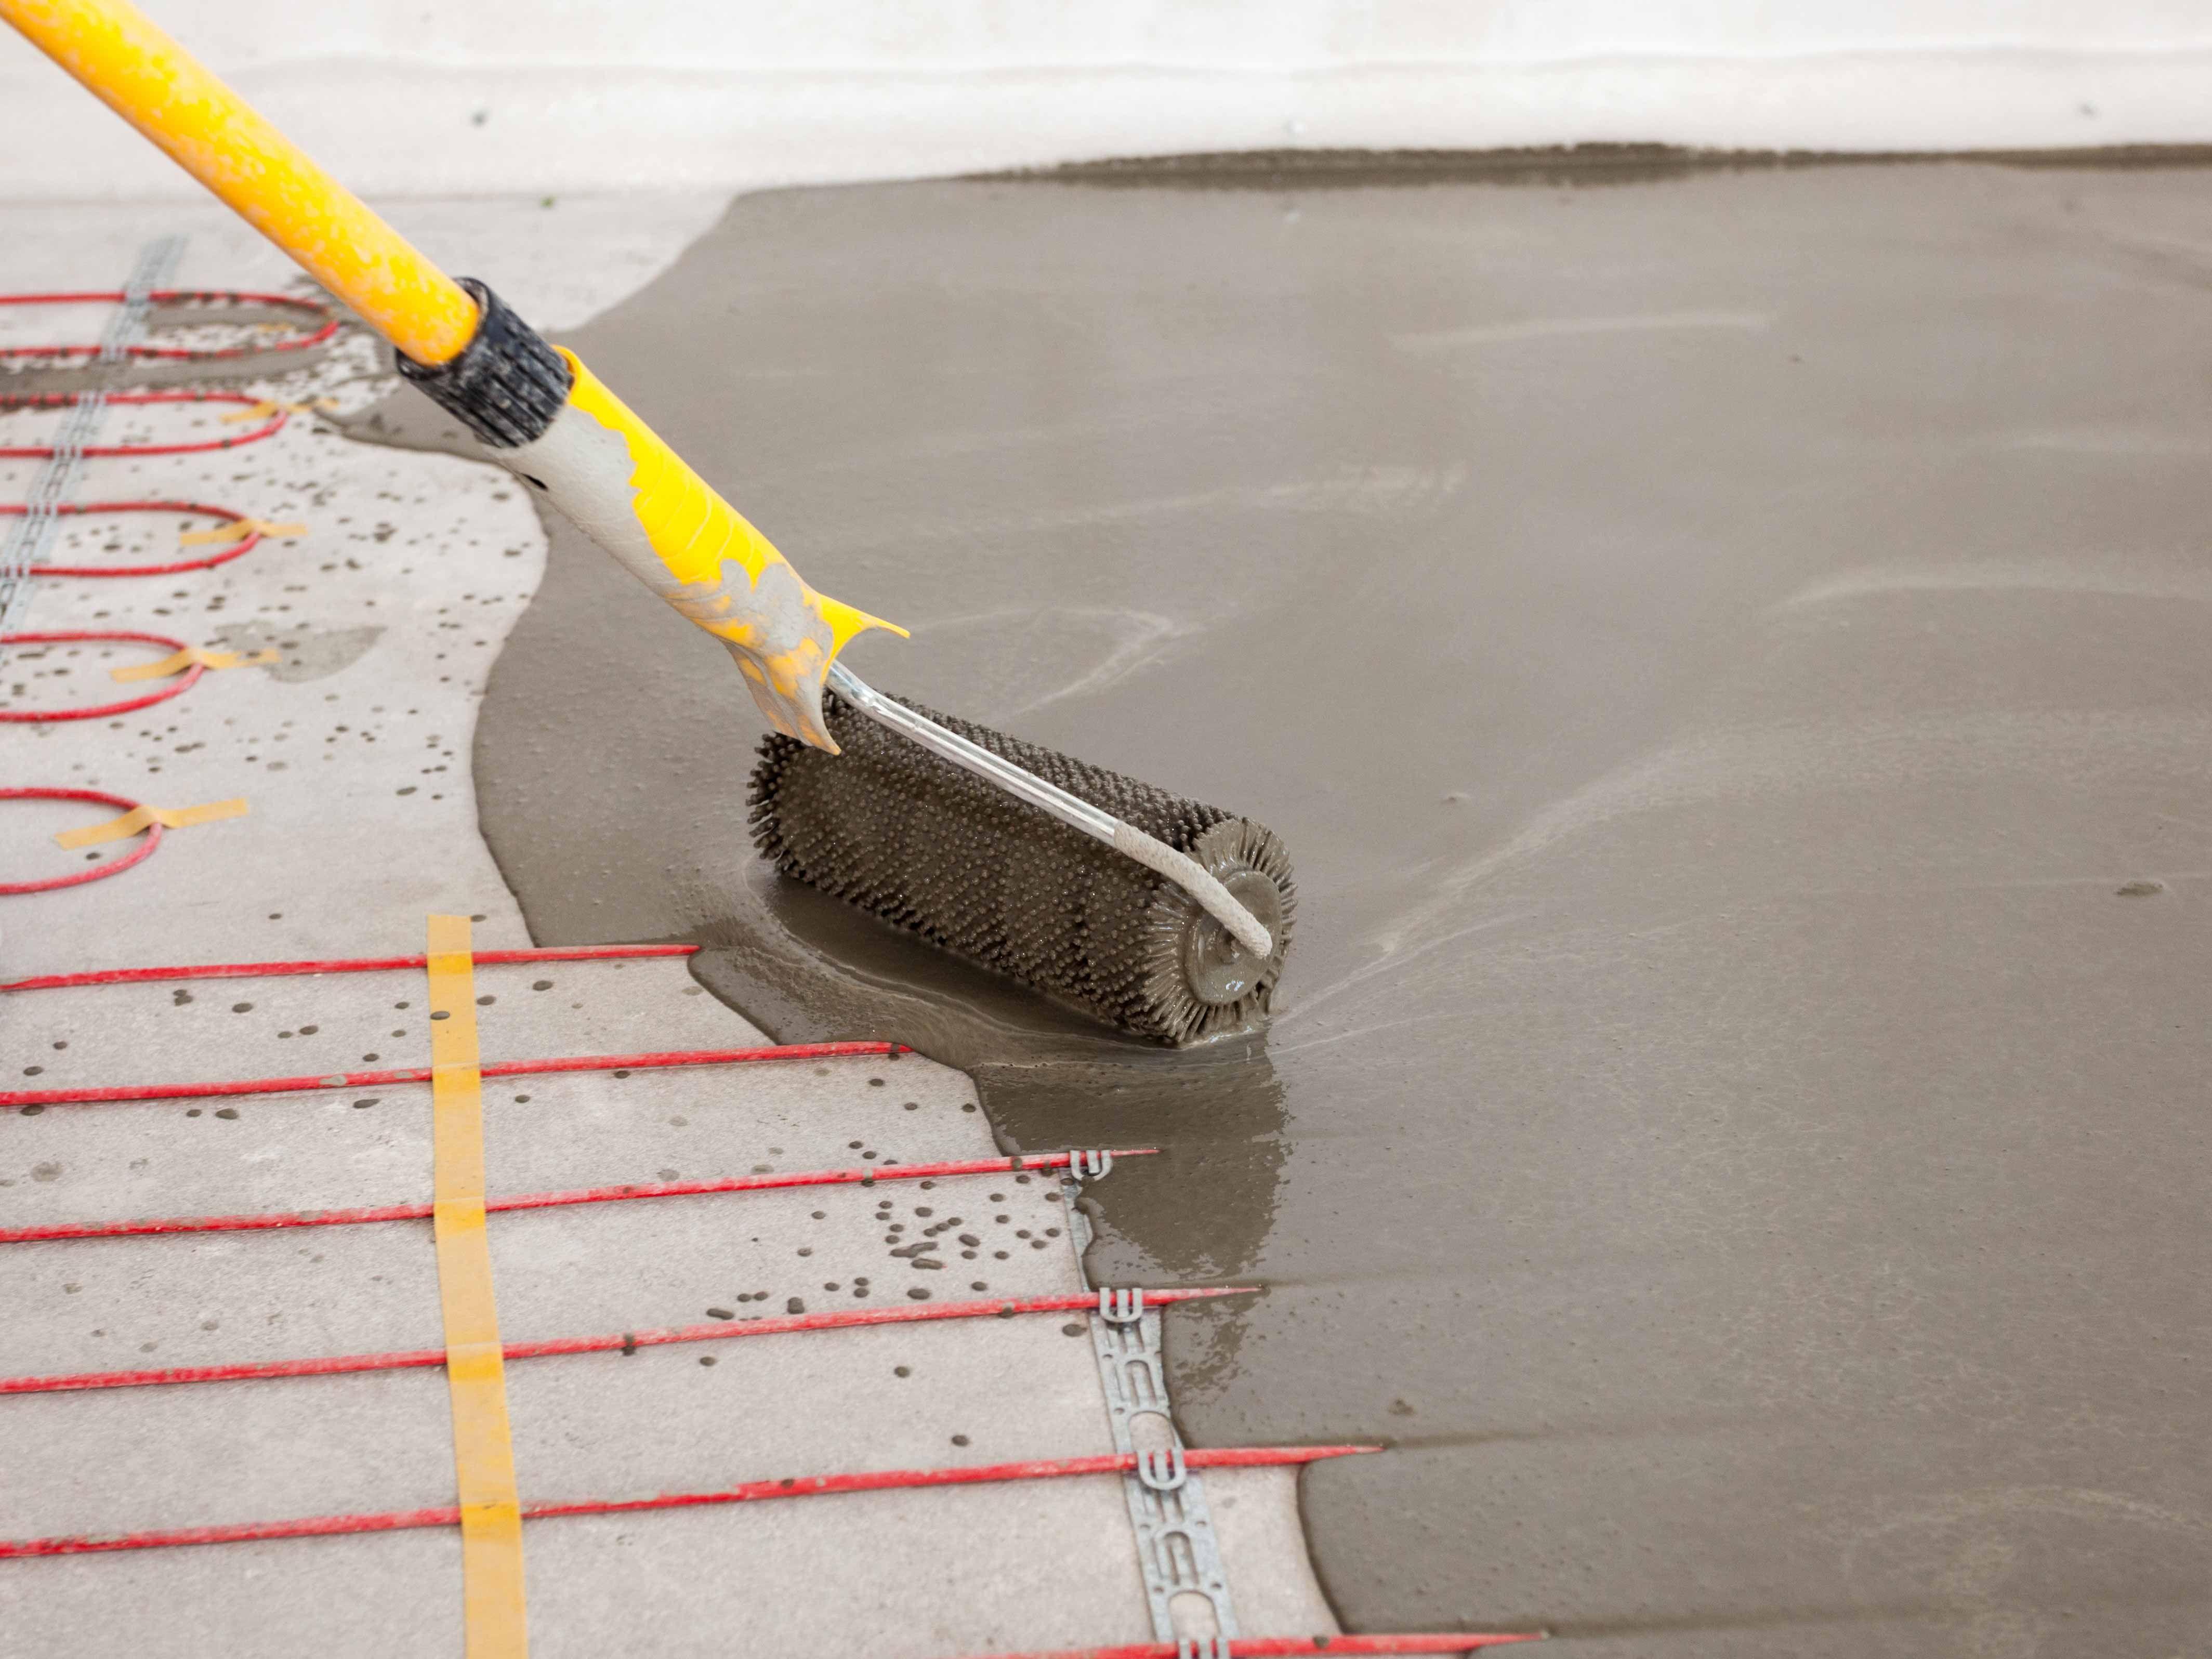 Fussbodenheizung Im Bad In 2020 Fussbodenheizung Fussboden Bodenheizung